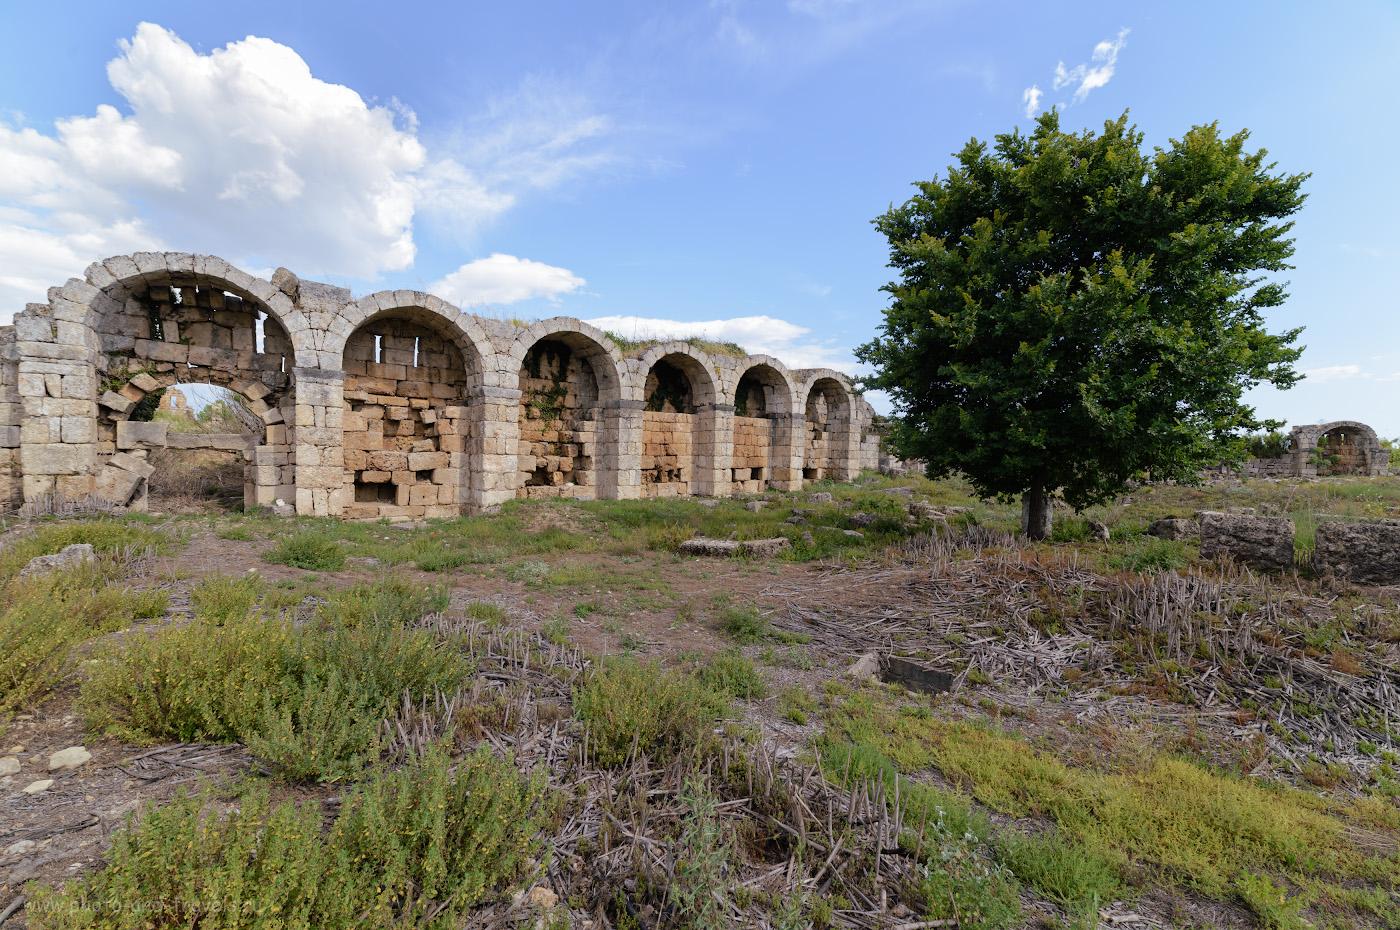 Фотография 22. Руины в Перге. Отчеты о поездке на экскурсии недалеко от Анталии. Как поехать в Турцию самостоятельно на отдых и какие достопримечательности можно посмотрет. 1/125, 8.0, 100, -0.67, 14.